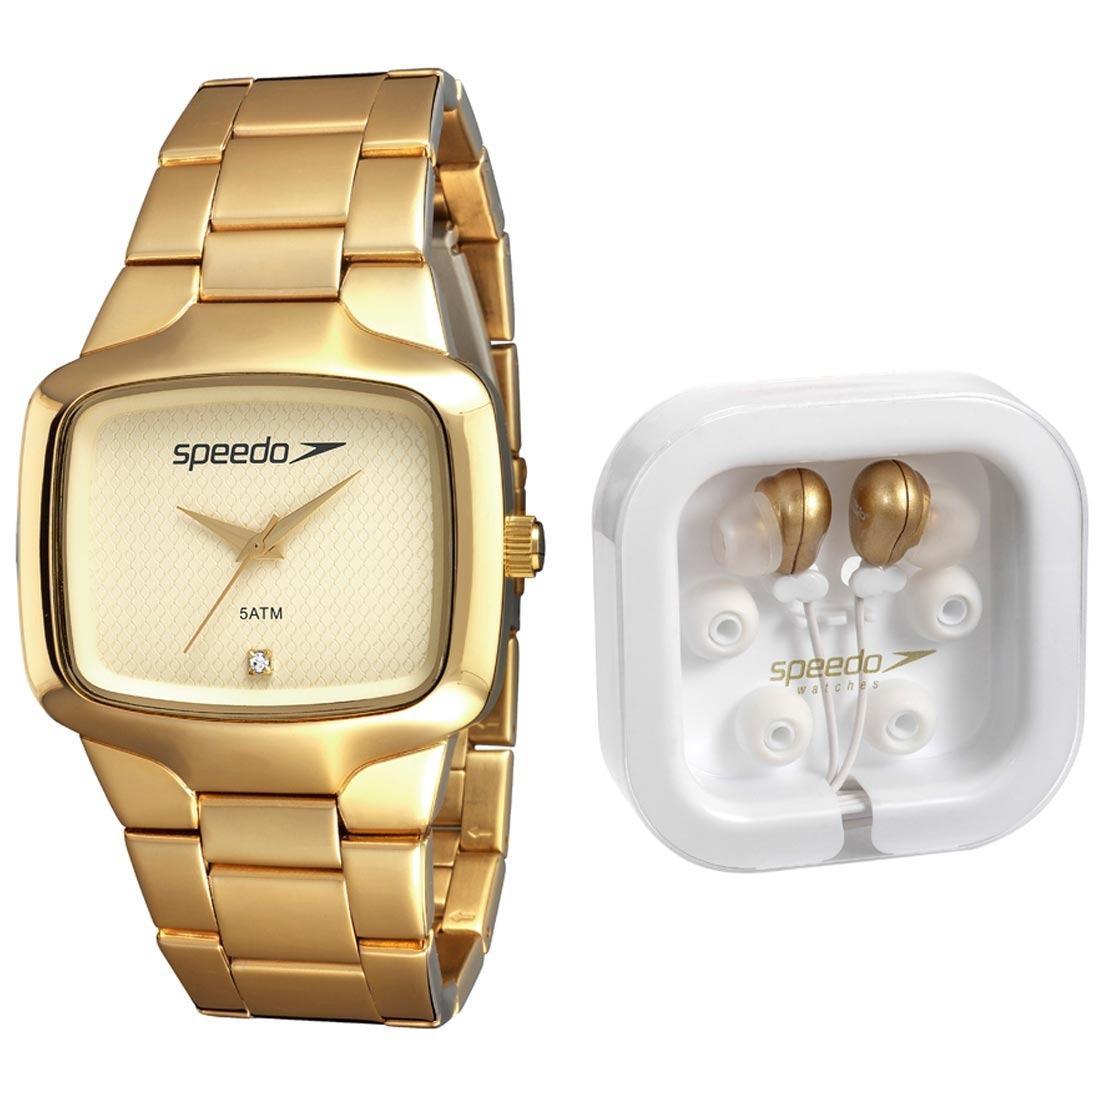 8fe1bb72f4a kit relógio feminino speedo rose + fone de ouvido speedo. Carregando zoom.